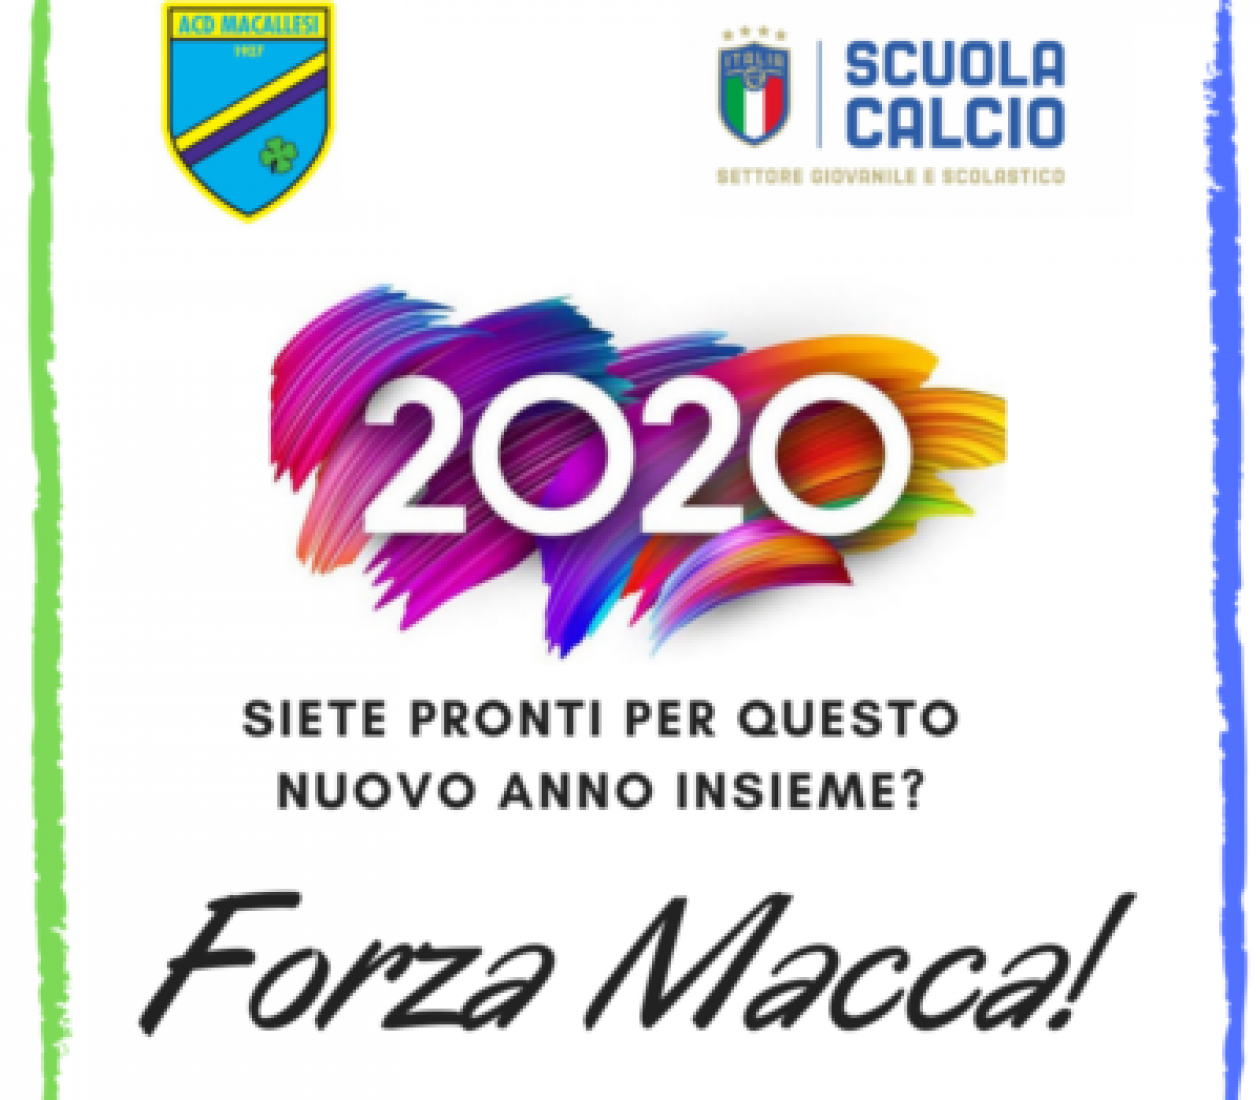 Buon 2020 Macca!